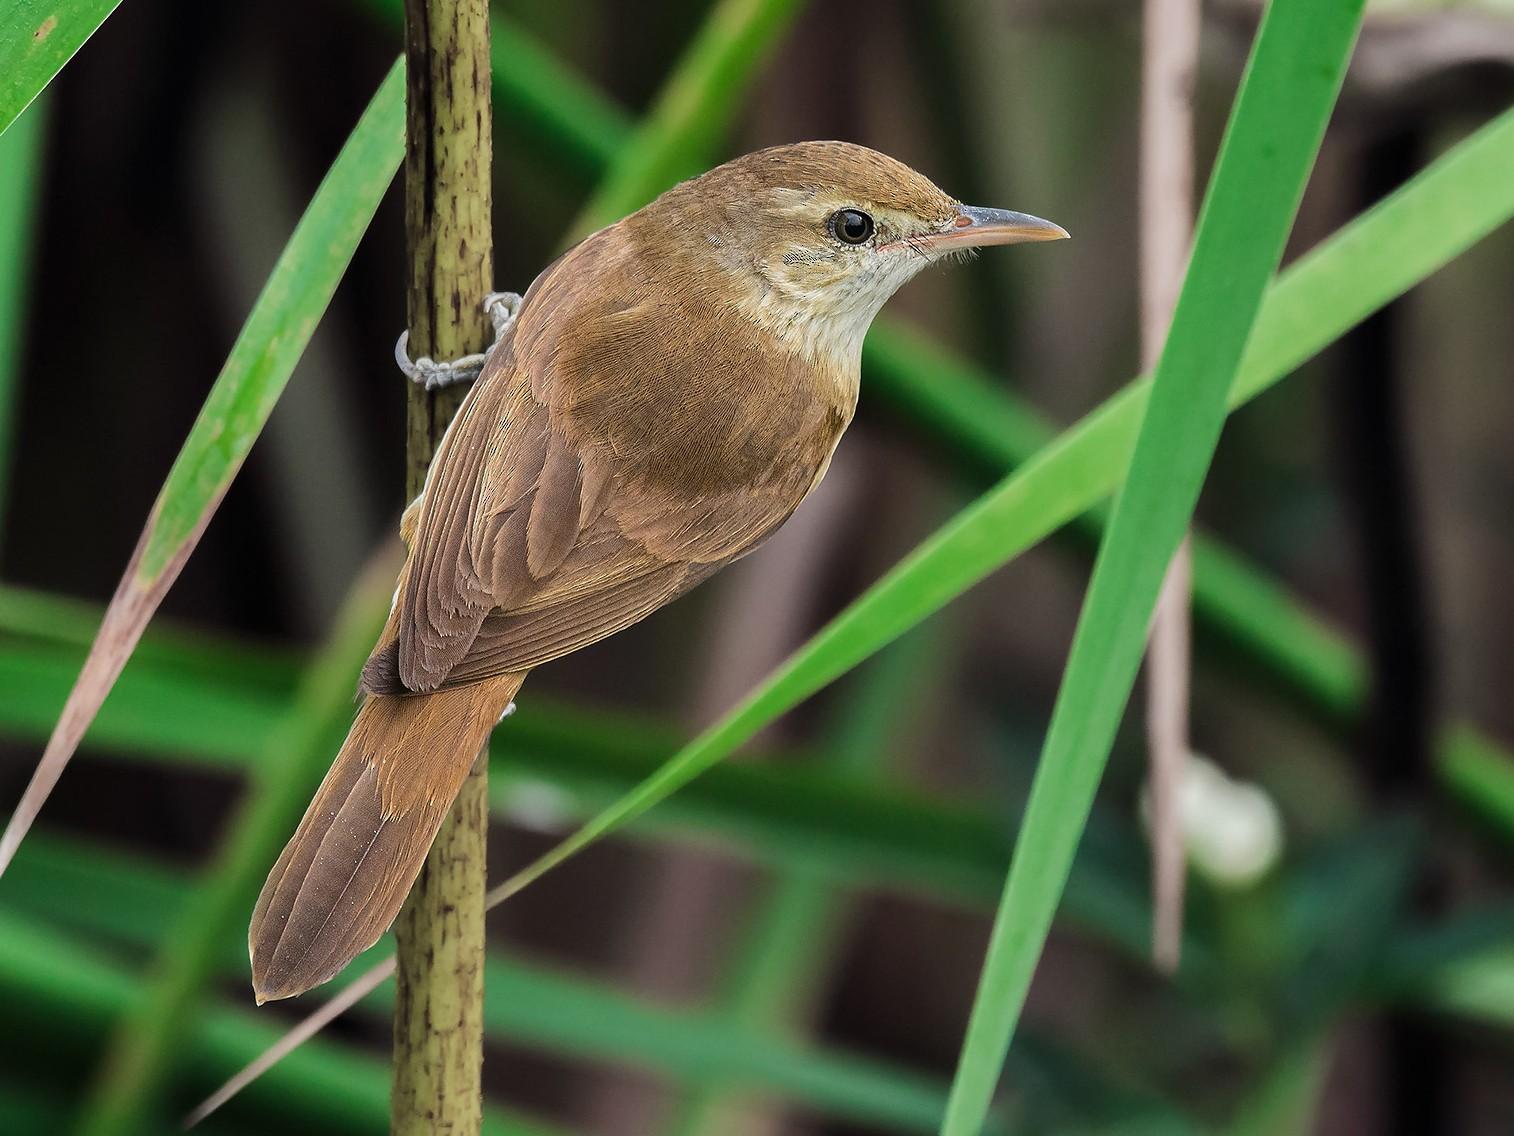 Oriental Reed Warbler - Natthaphat Chotjuckdikul